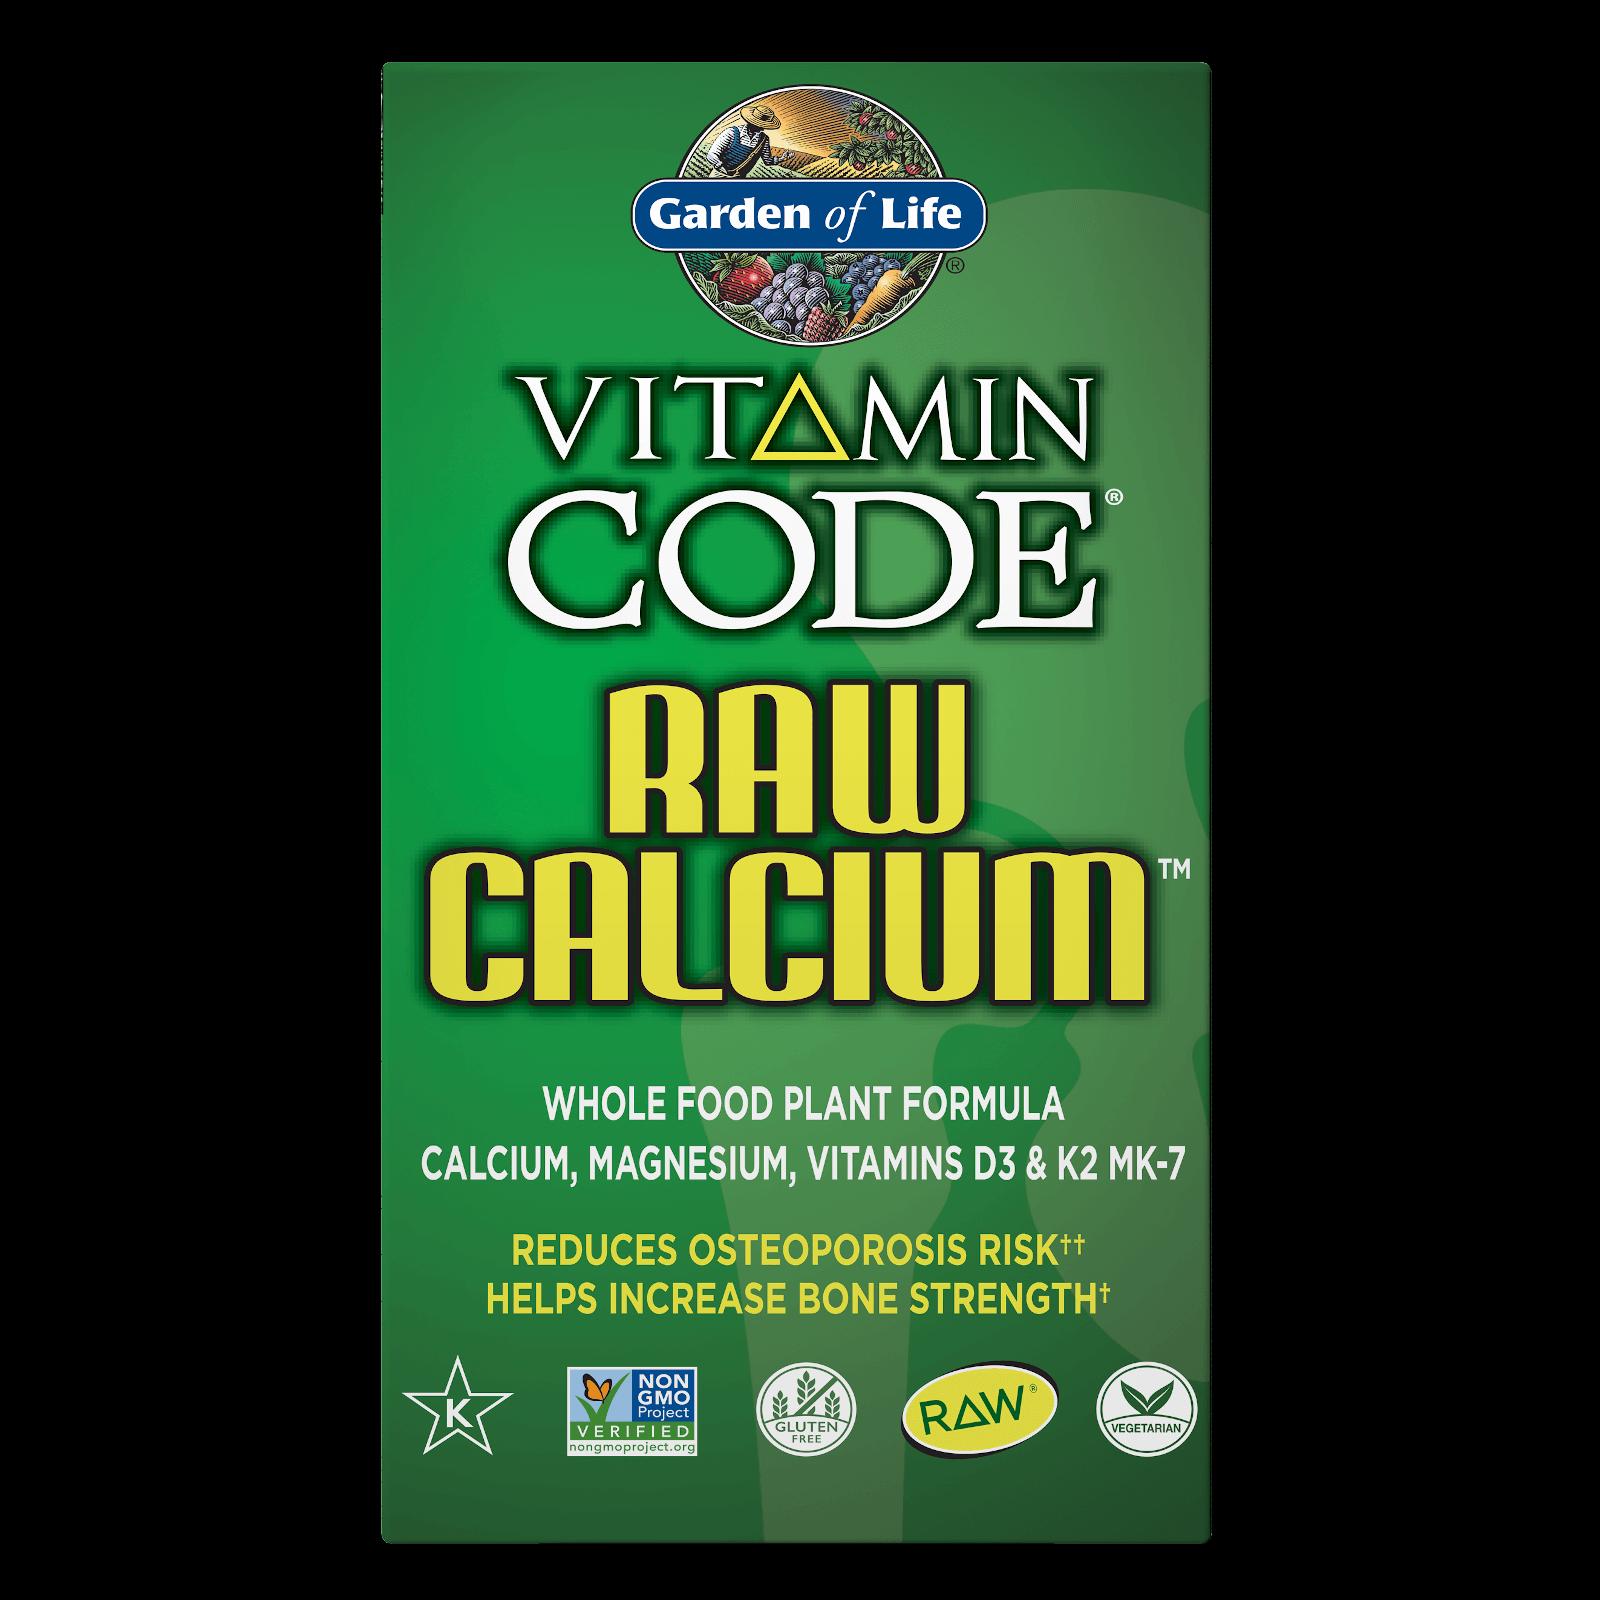 Vitamine Code Raw Calcium - 120 capsules